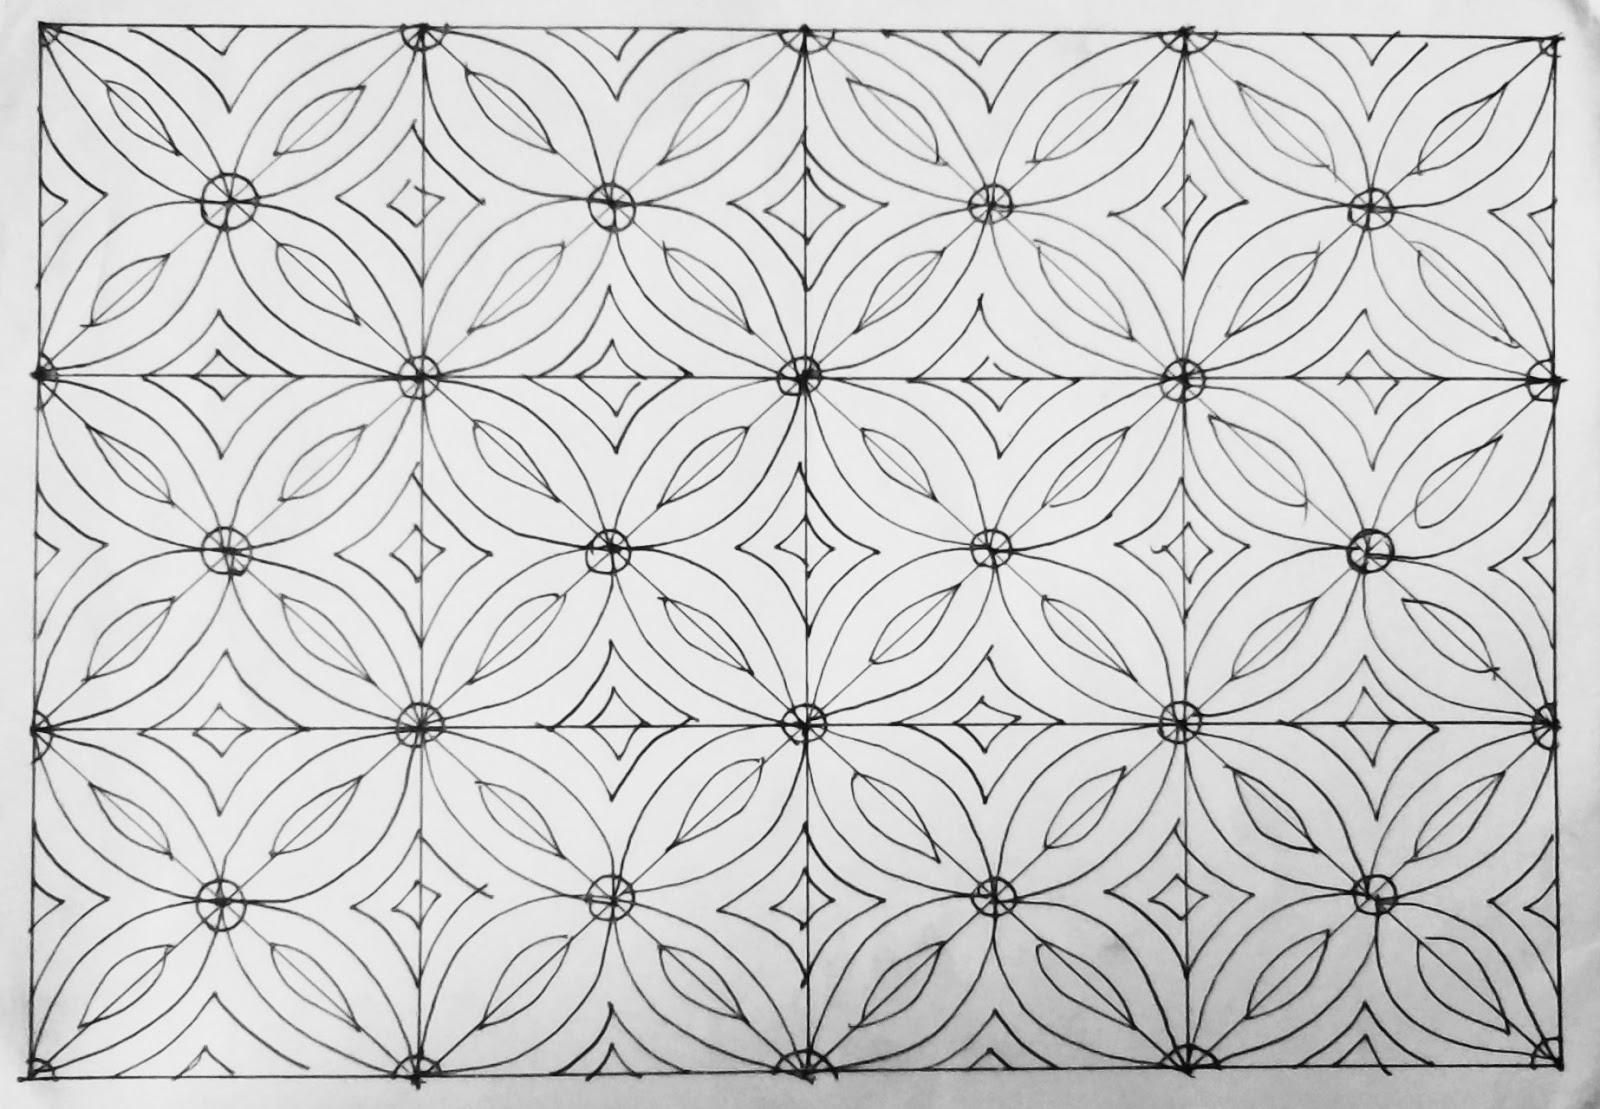 440+ Gambar Batik Keren Dan Mudah Terbaru